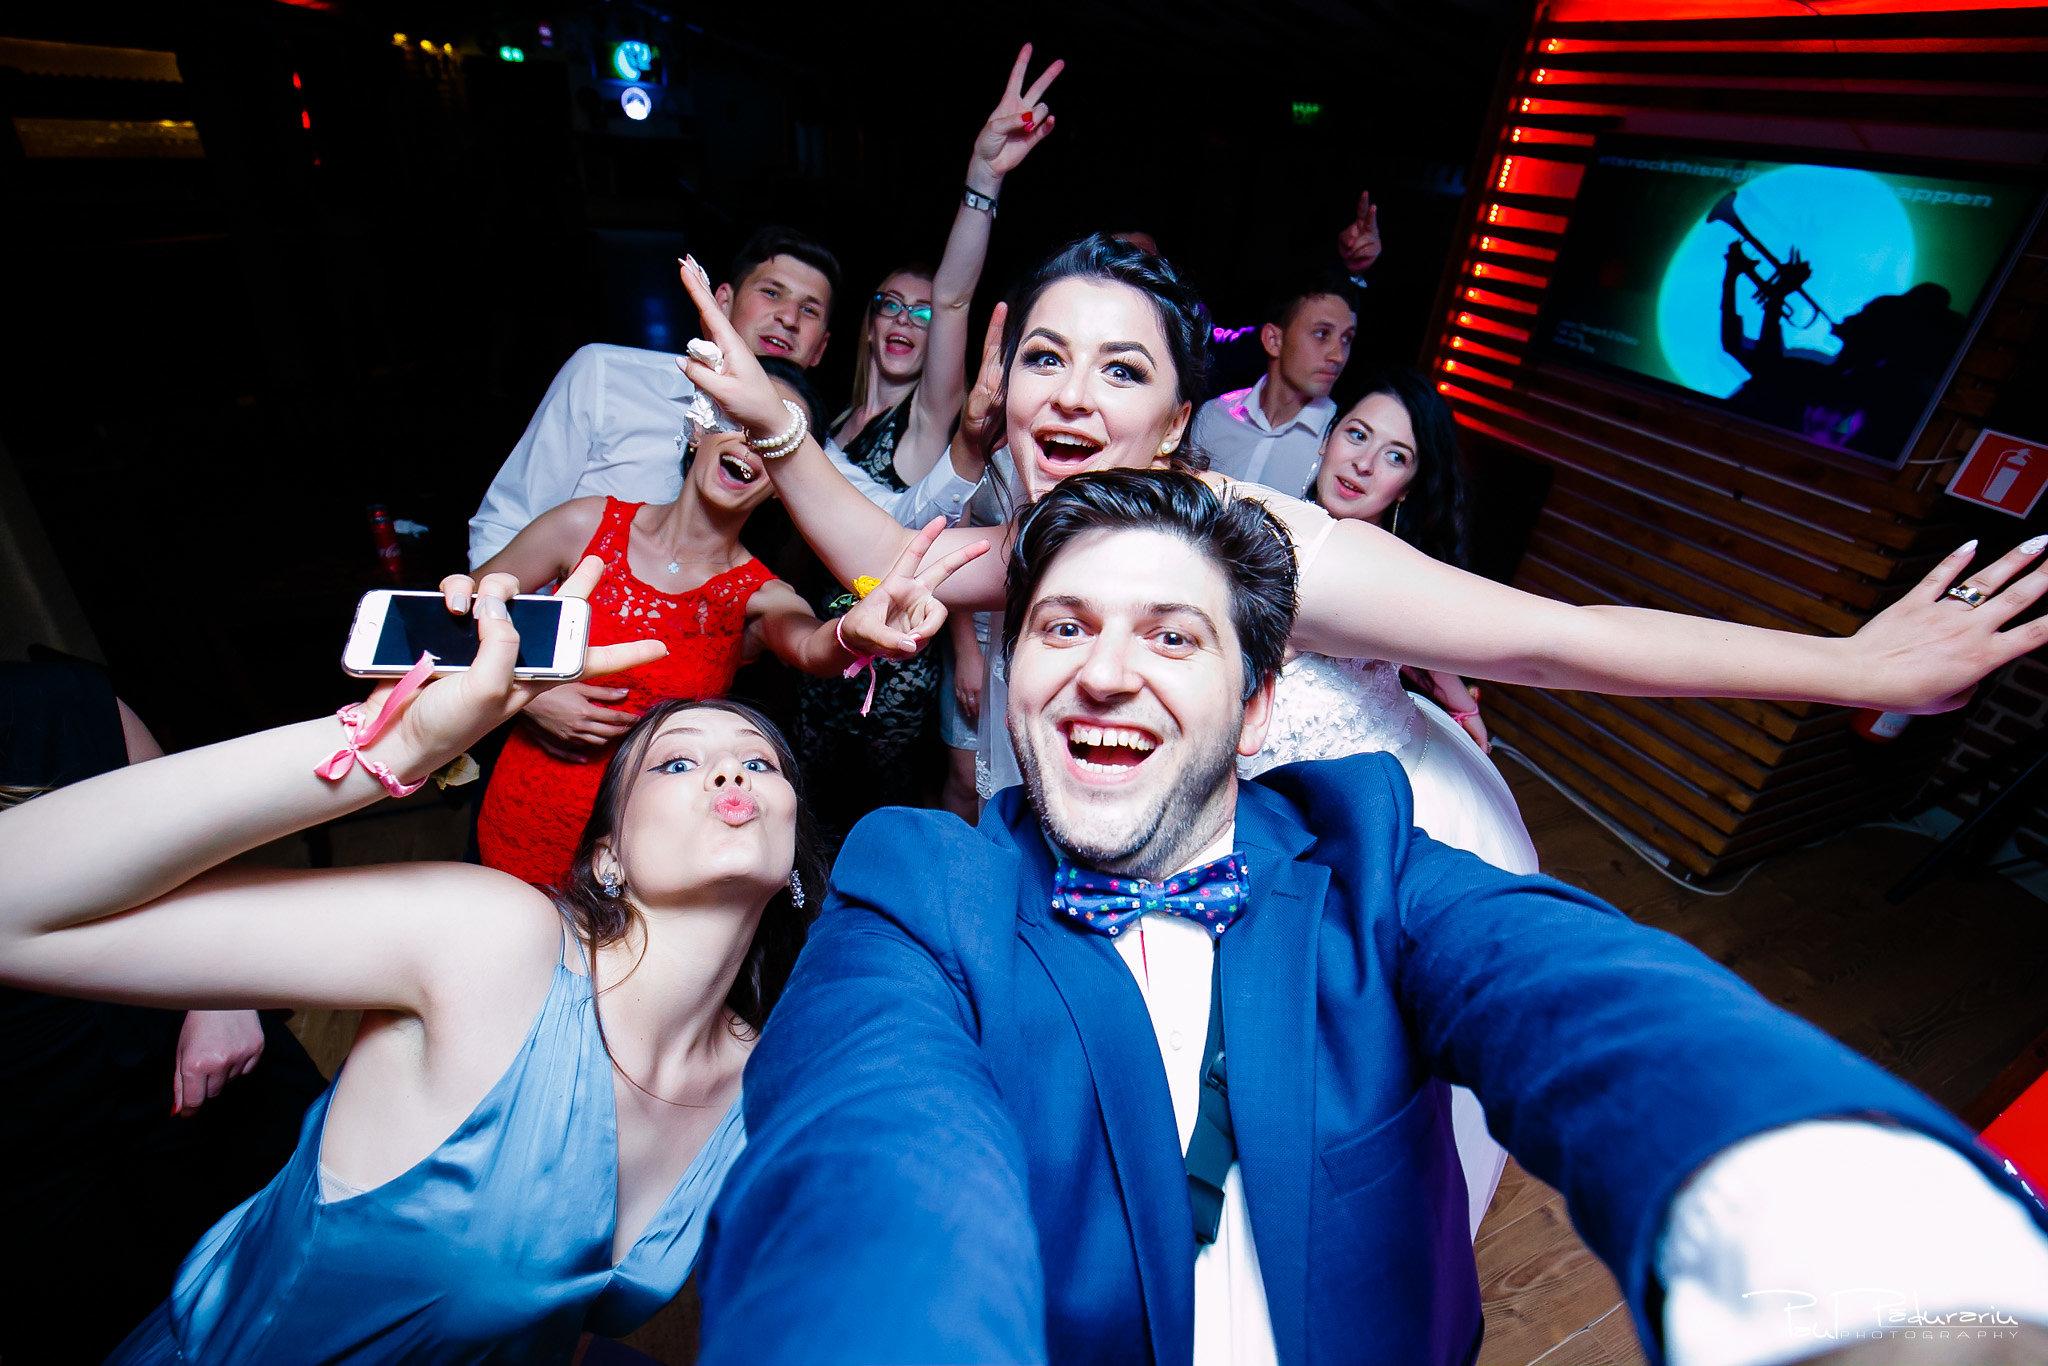 Nunta la Castel Iasi Ana-Maria si Marius fotograf profesionistwww.paulpadurariu.ro © 2018 Paul Padurariu 18